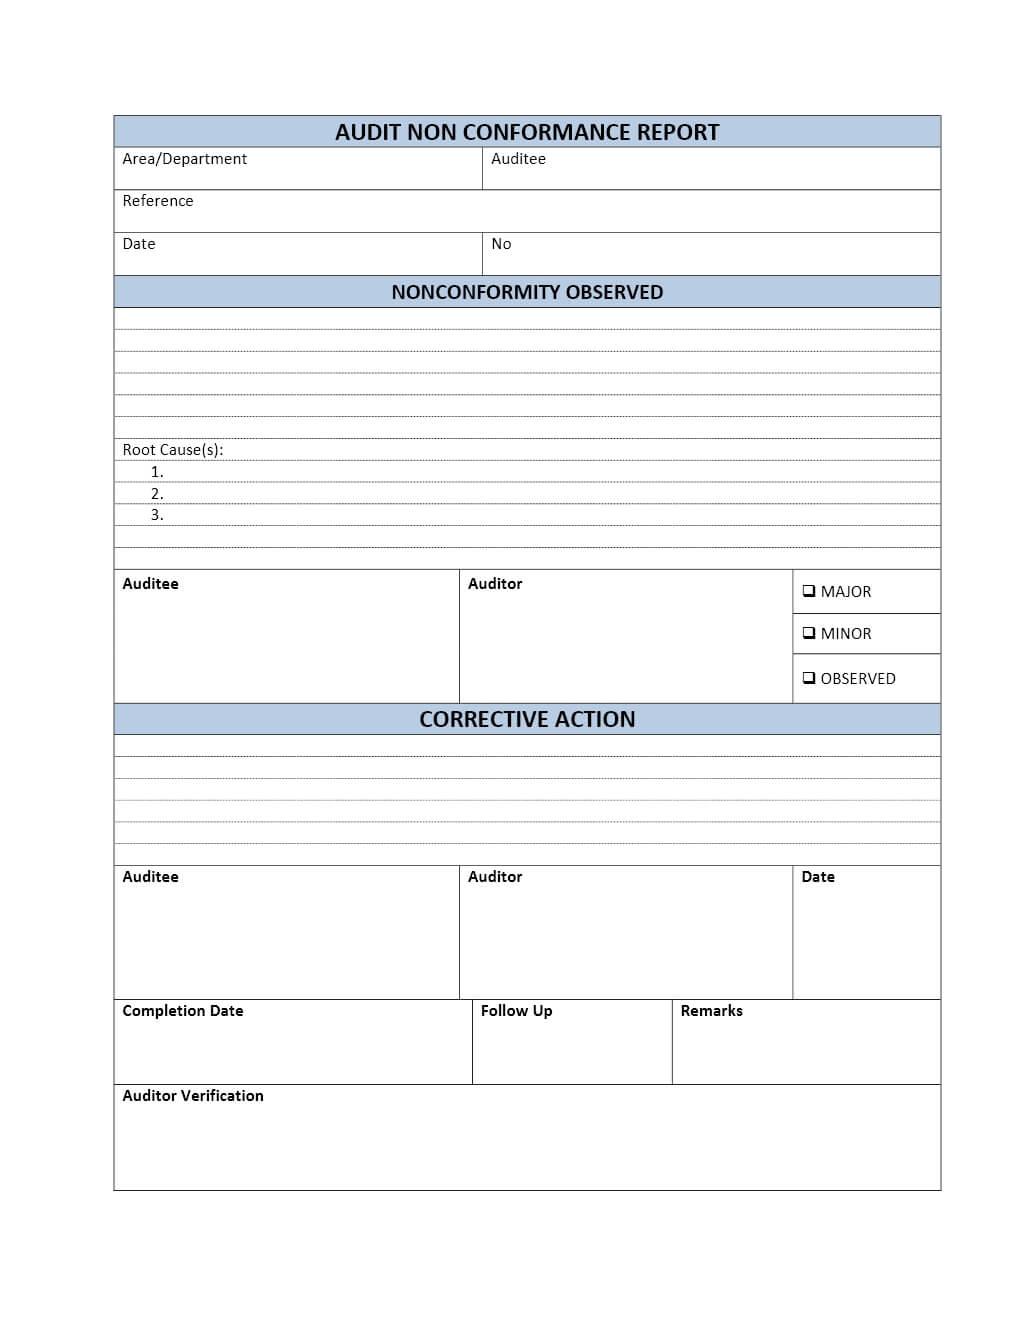 Non Conformance Report Form Template - Atlantaauctionco within Non Conformance Report Form Template